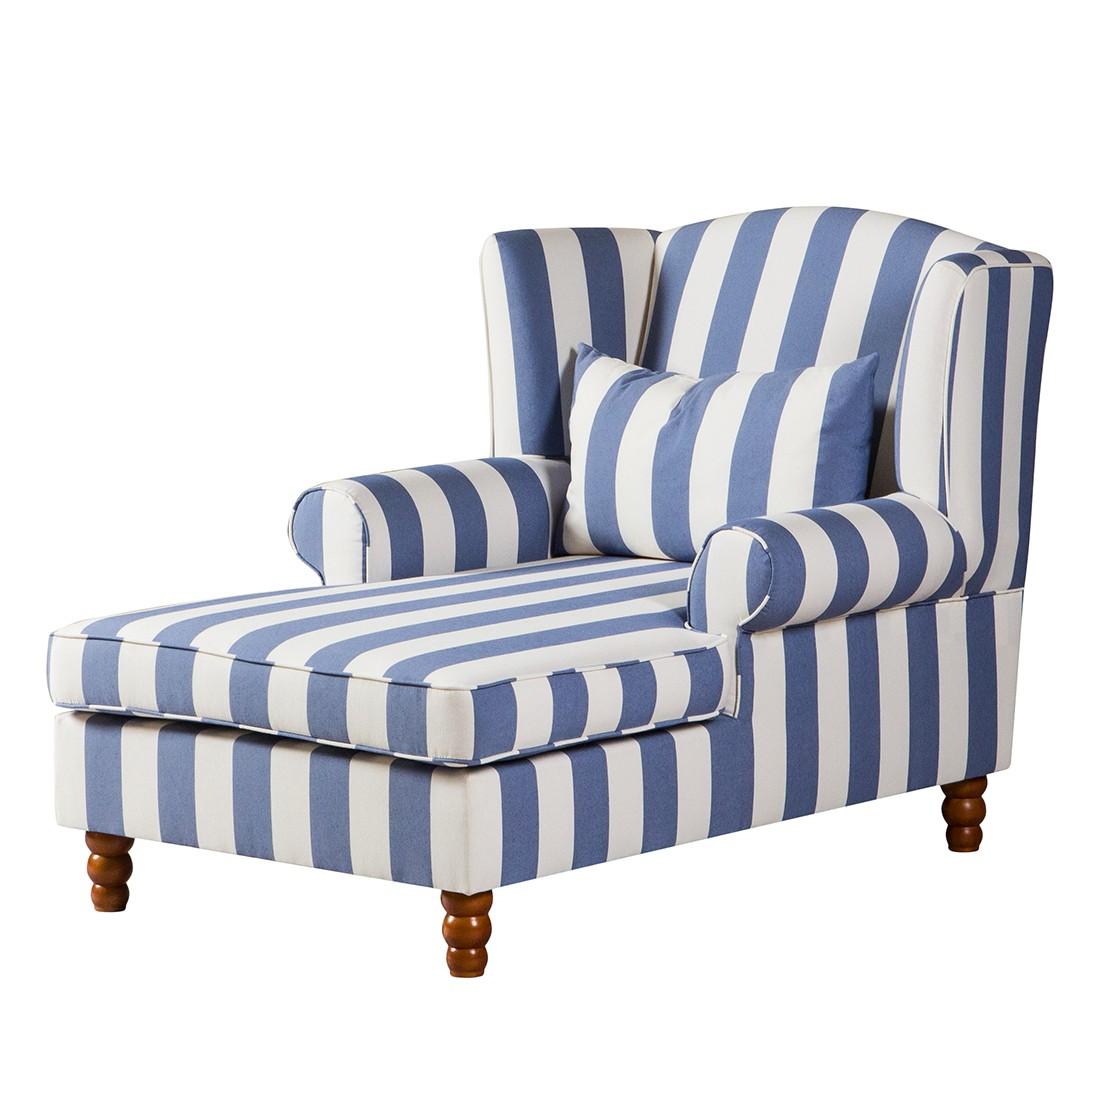 goedkoop Oorfauteuil Sofia XXL geweven stof blauw wit Maison Belfort